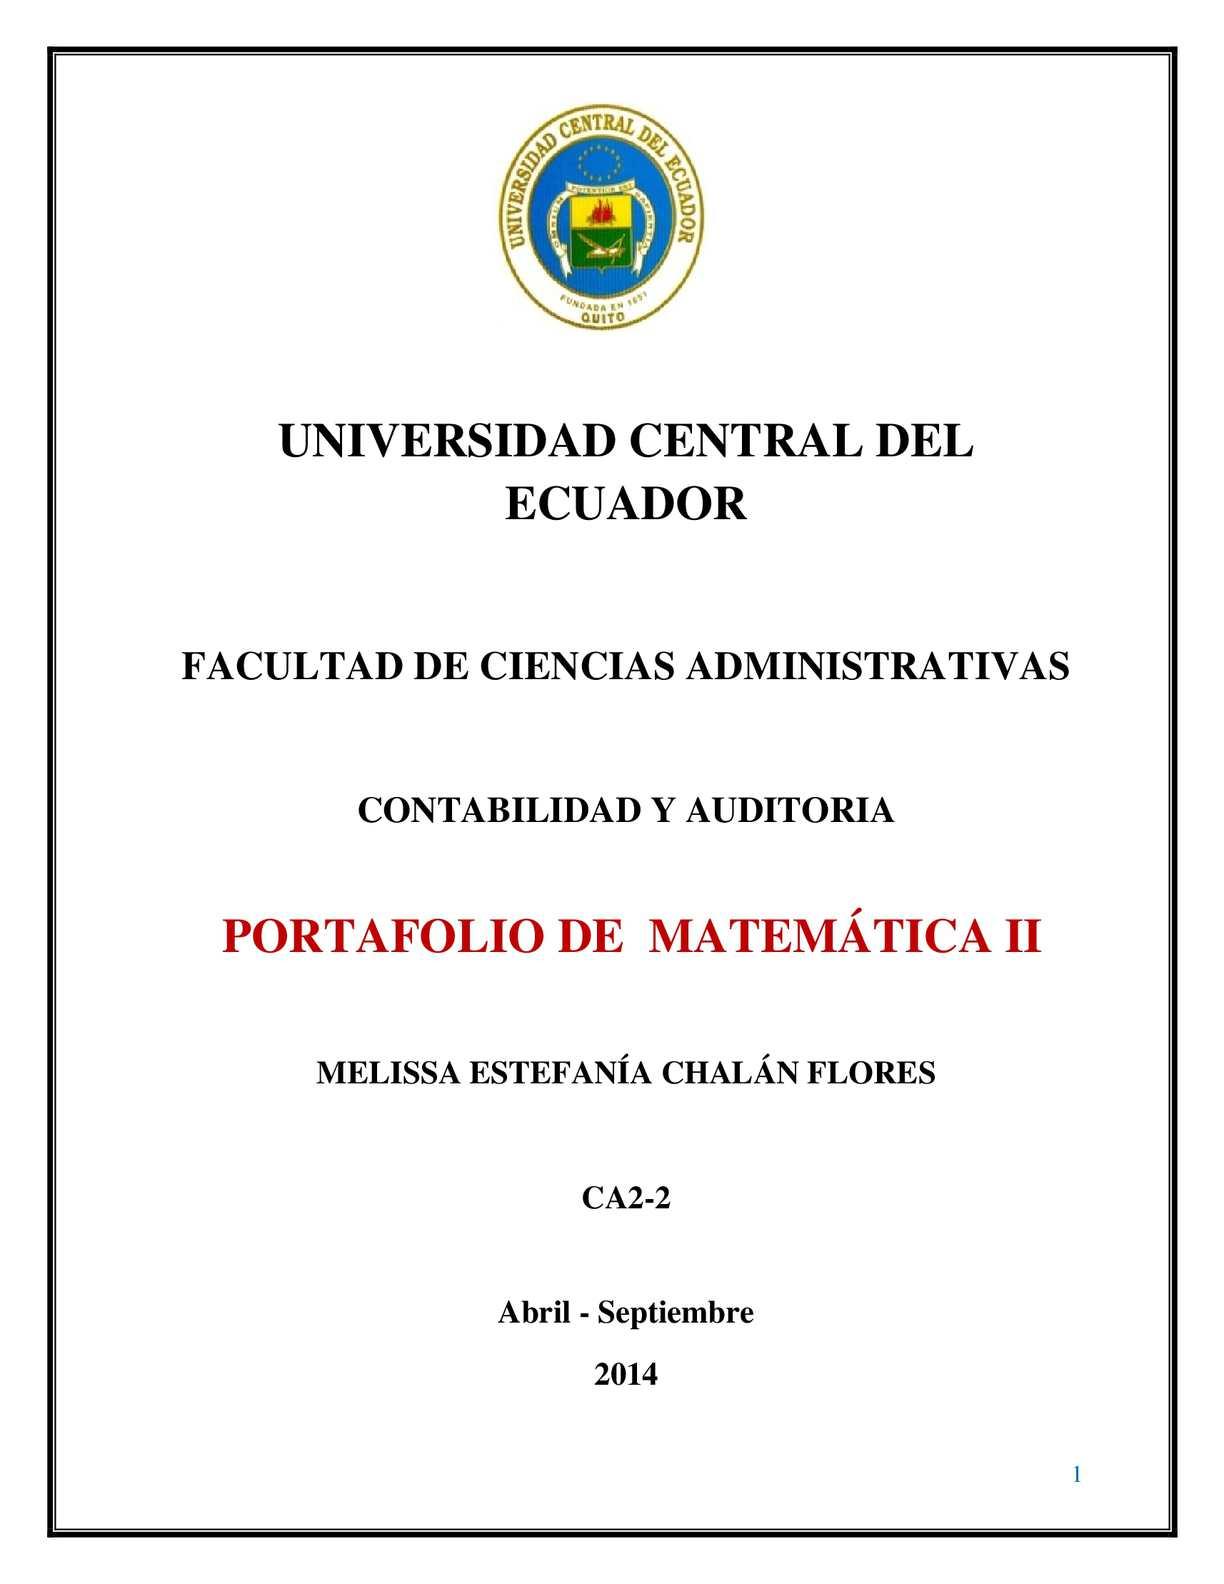 Calaméo - PORTAFOLIO DE MATEMÁTICA II FINAL